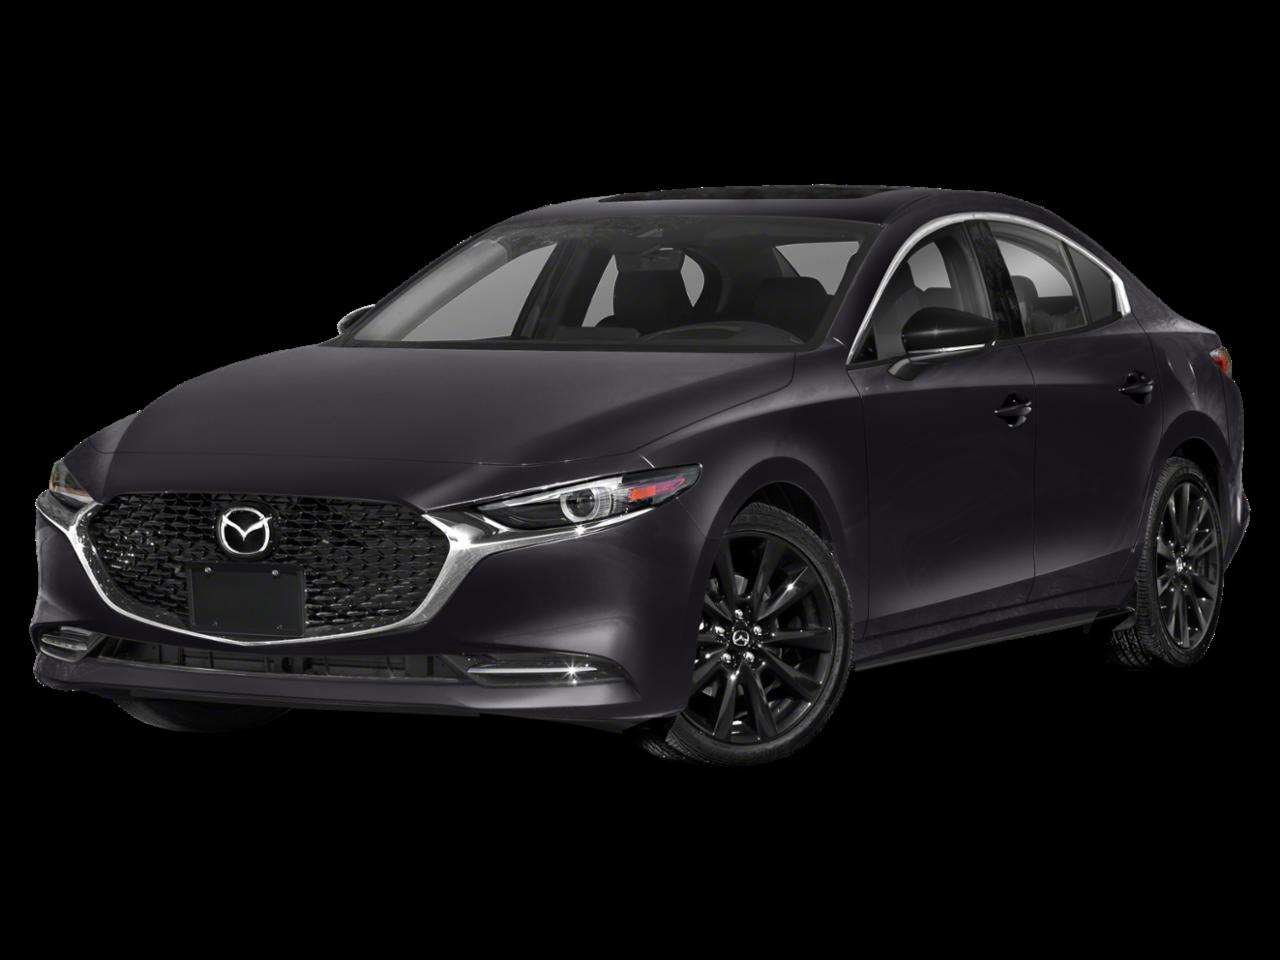 Mazda 2021 Mazda3 Sedan 2.5 Turbo